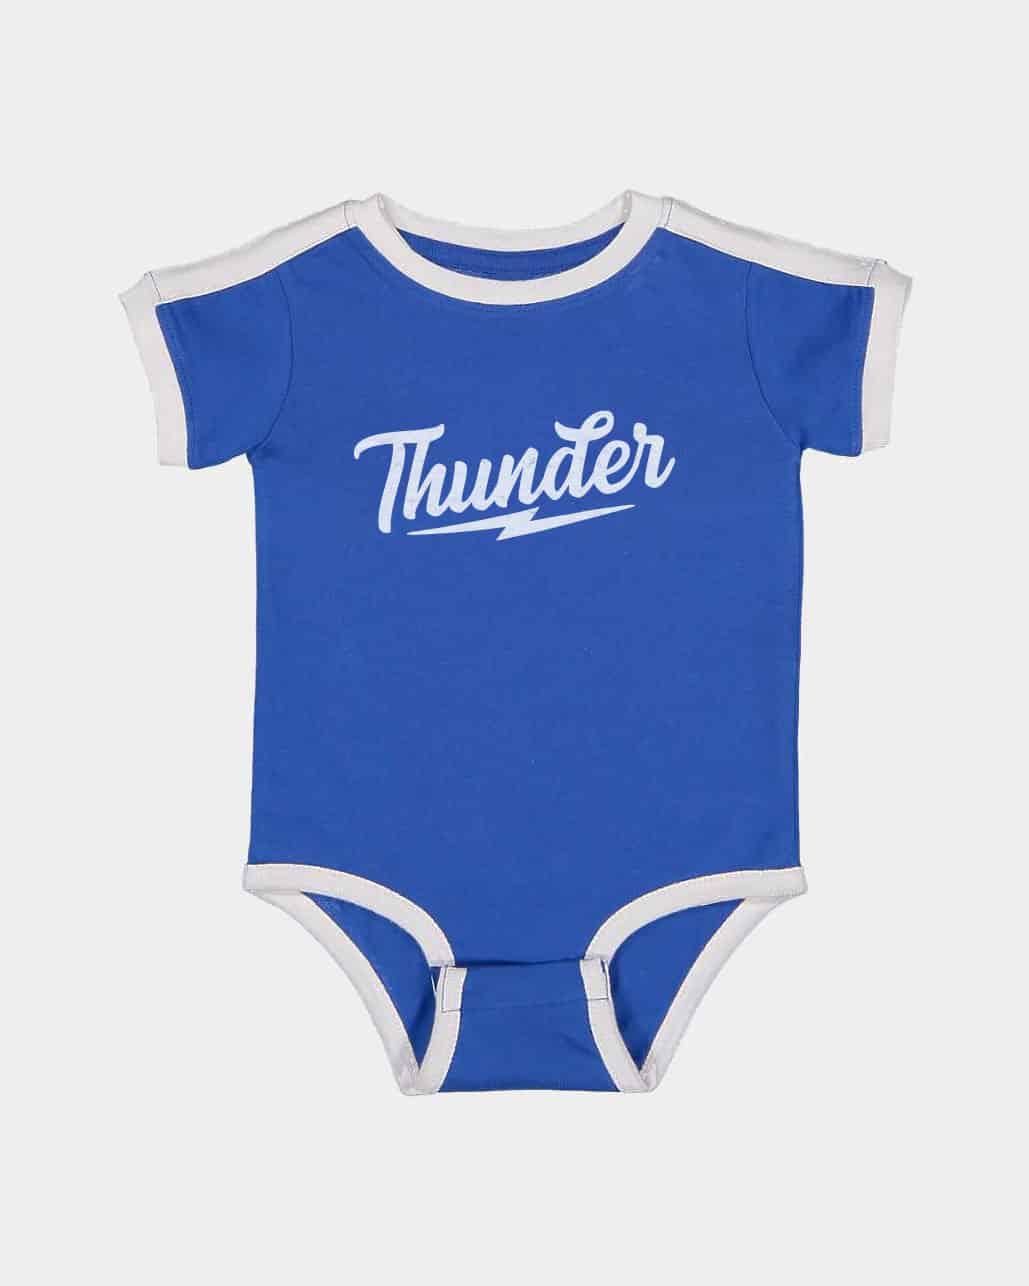 Speed of Thunder Kids Retro Ringer Onesie